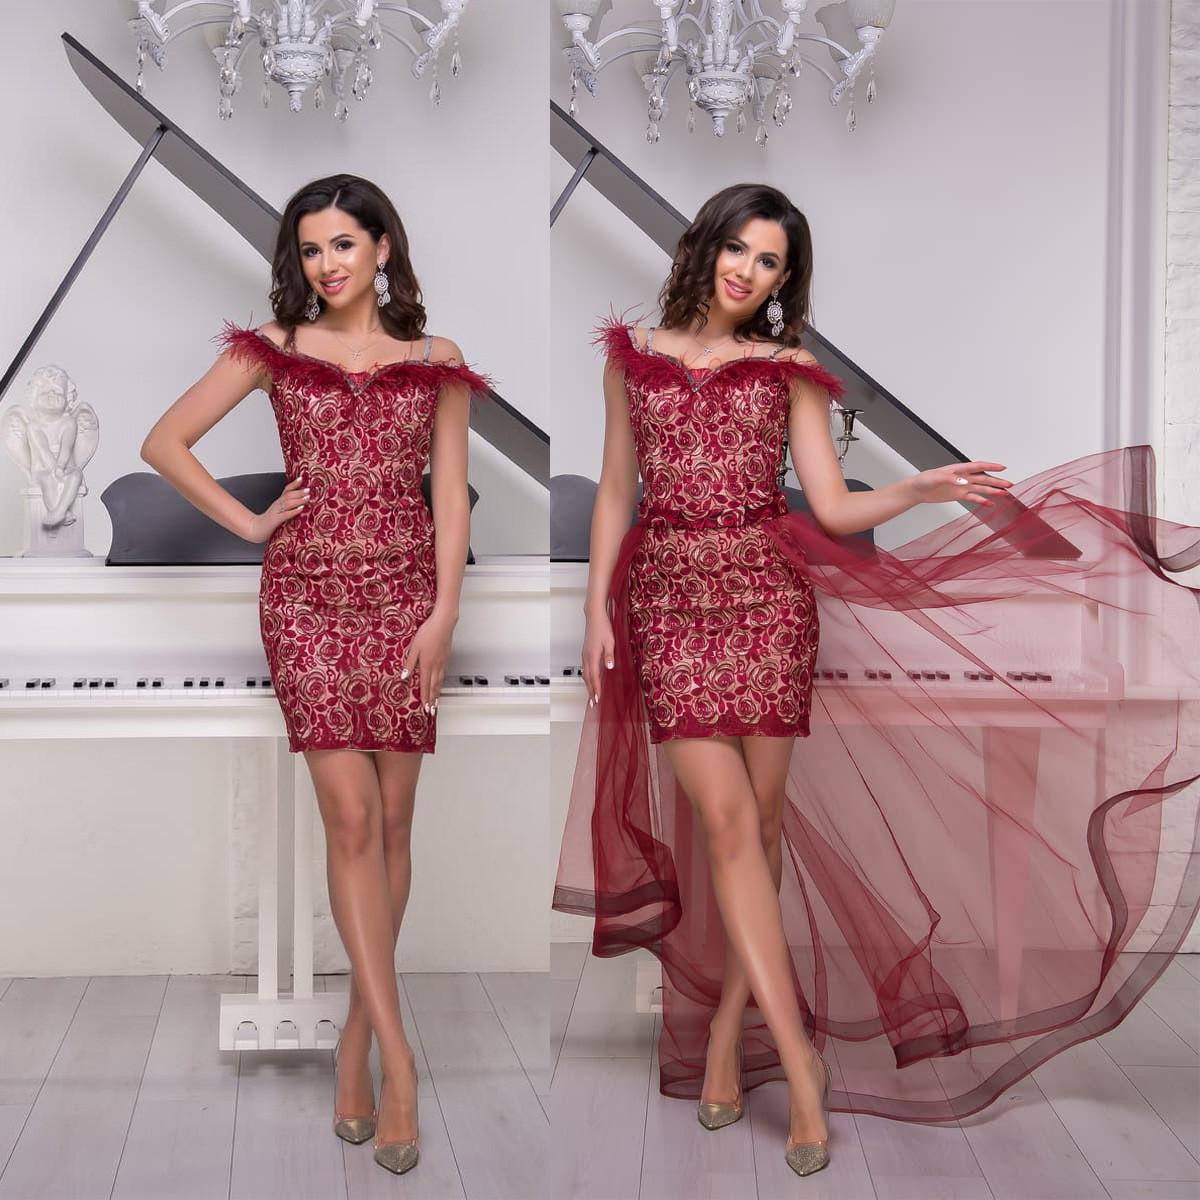 """Бордовое кружевное вечернее платье-трансформер """"Империя гранд"""""""